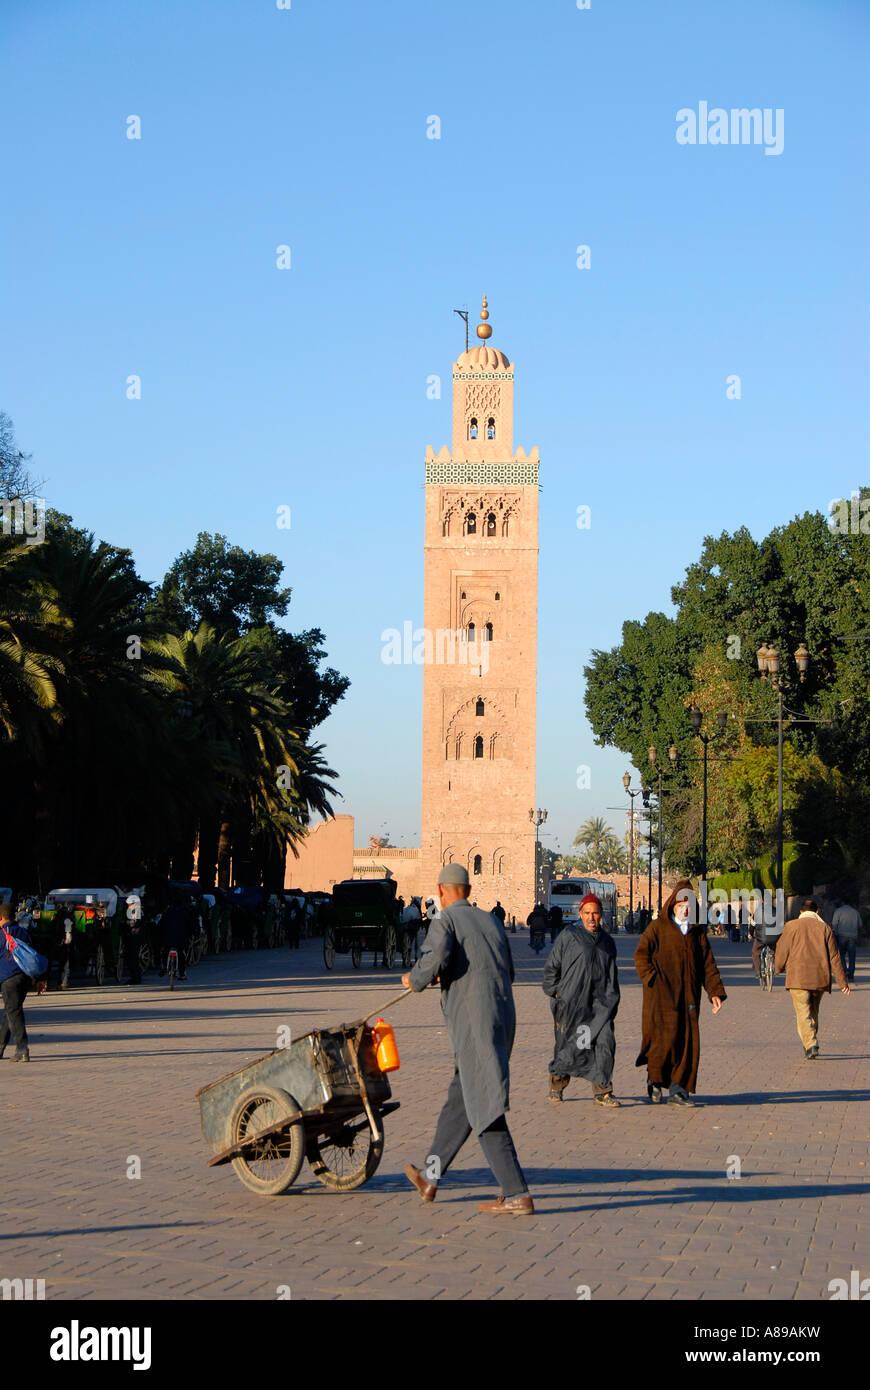 L'homme pousse un barrow sur la place de Foucauld Djemaa el Fna avec un minaret de la mosquée de Koutoubia dans le dos Marrakech Maroc Banque D'Images